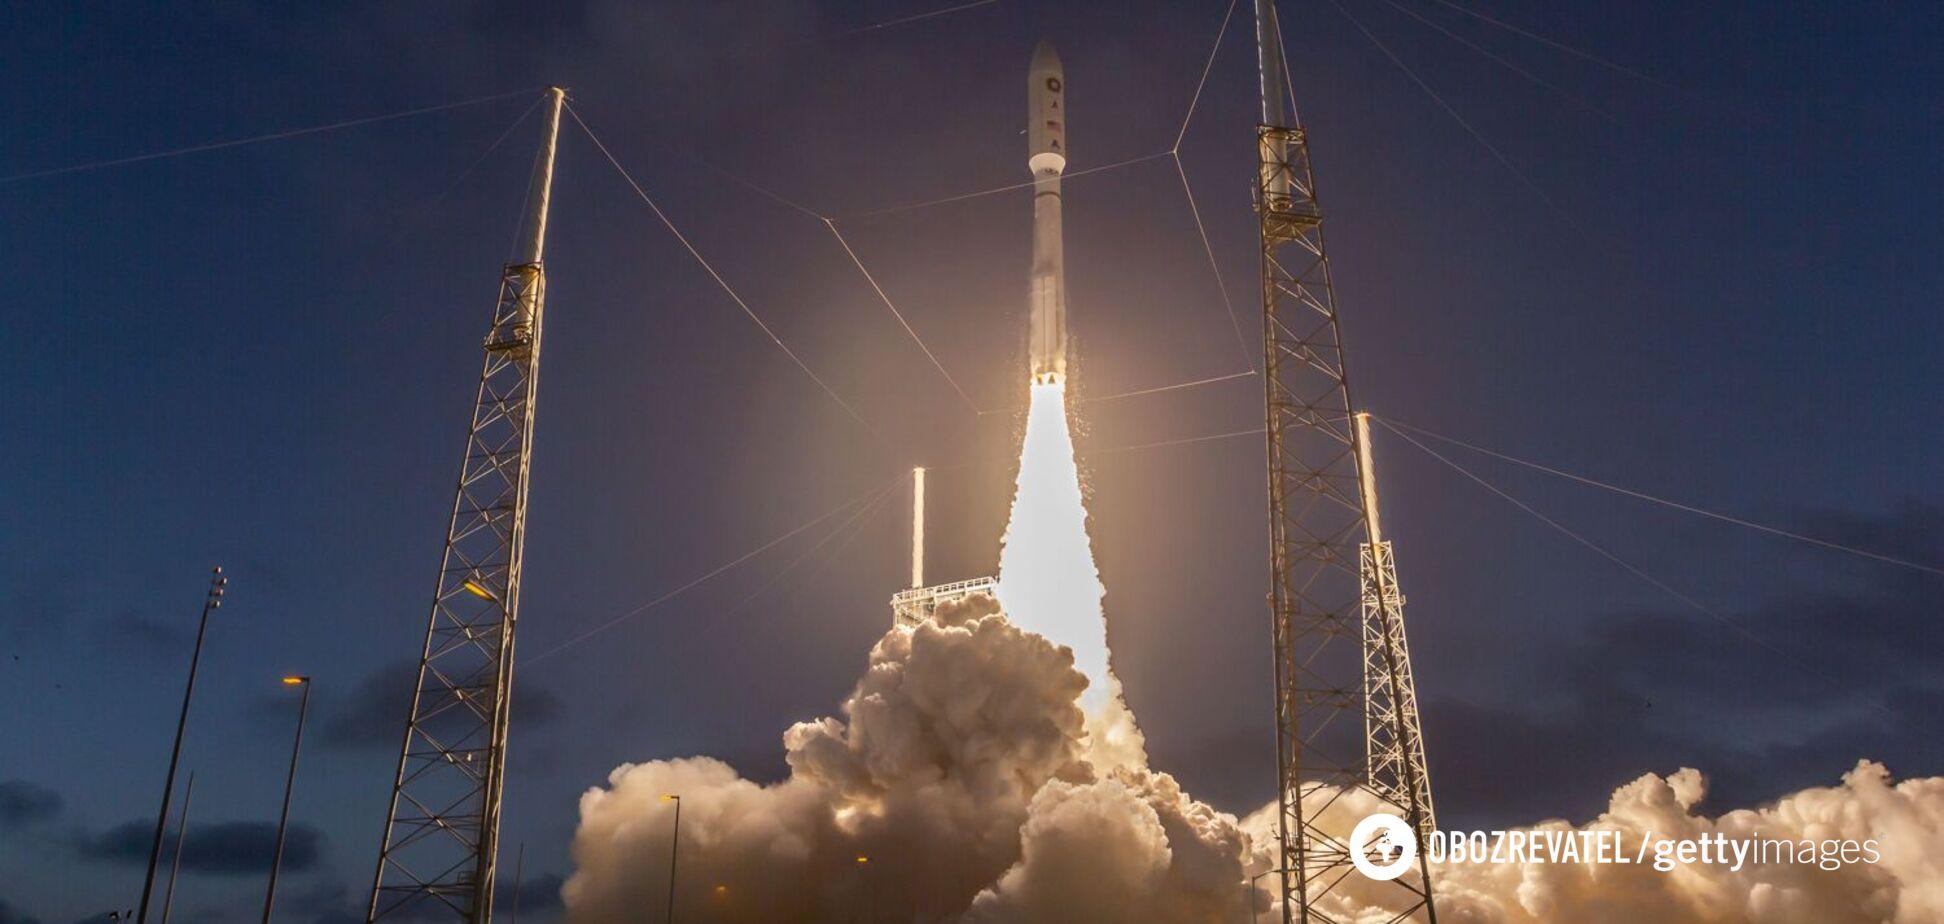 В США запустили спутник для предотвращения ракетных ударов. Видео